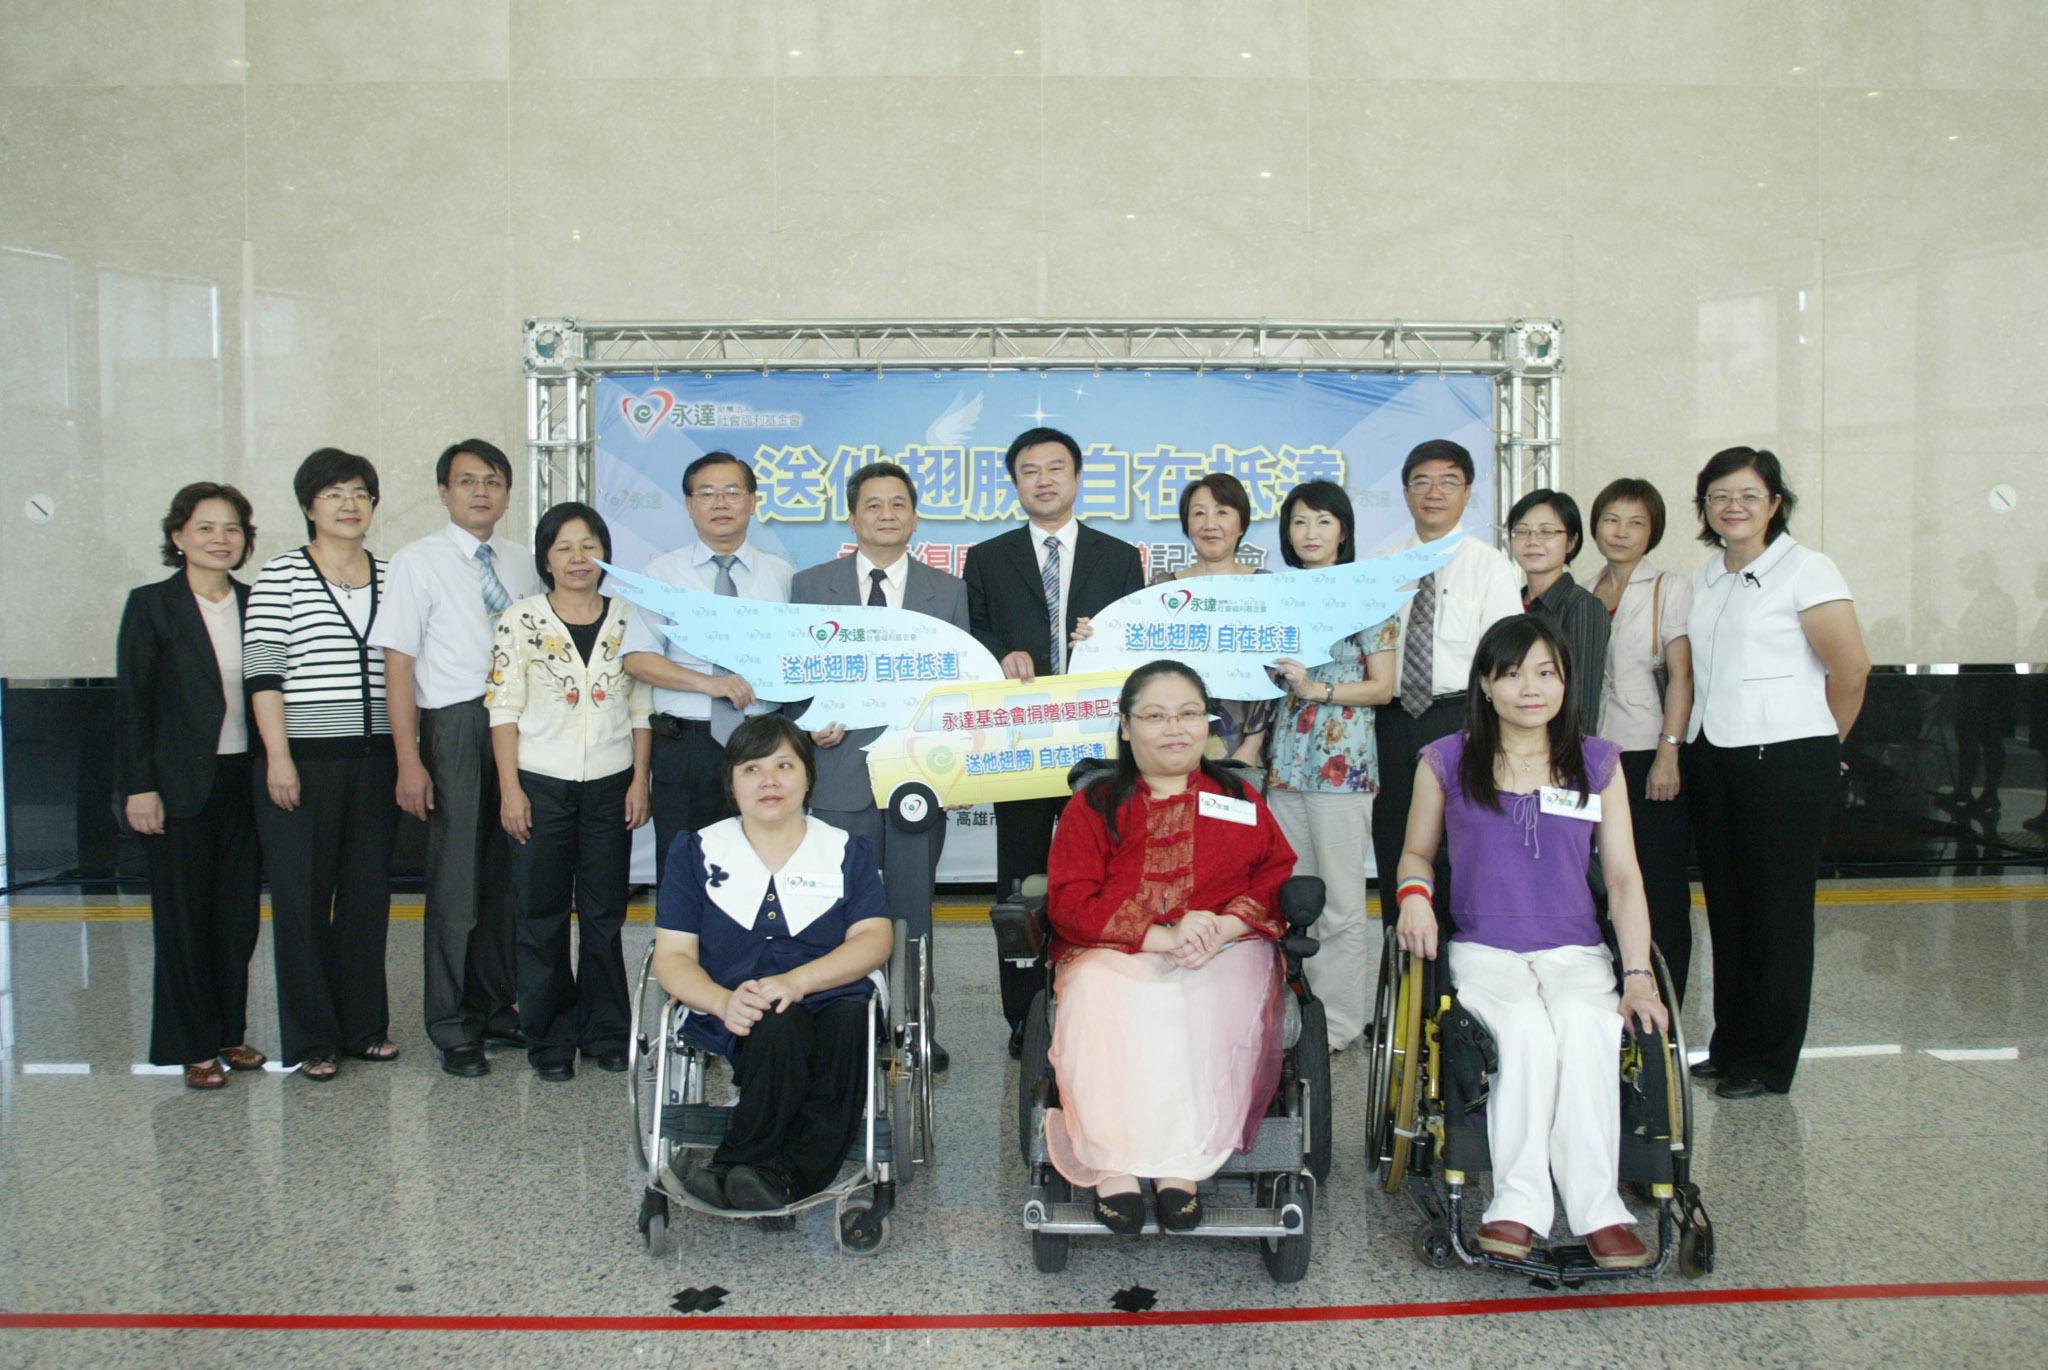 永達社福基金會與受贈單位一同合影。